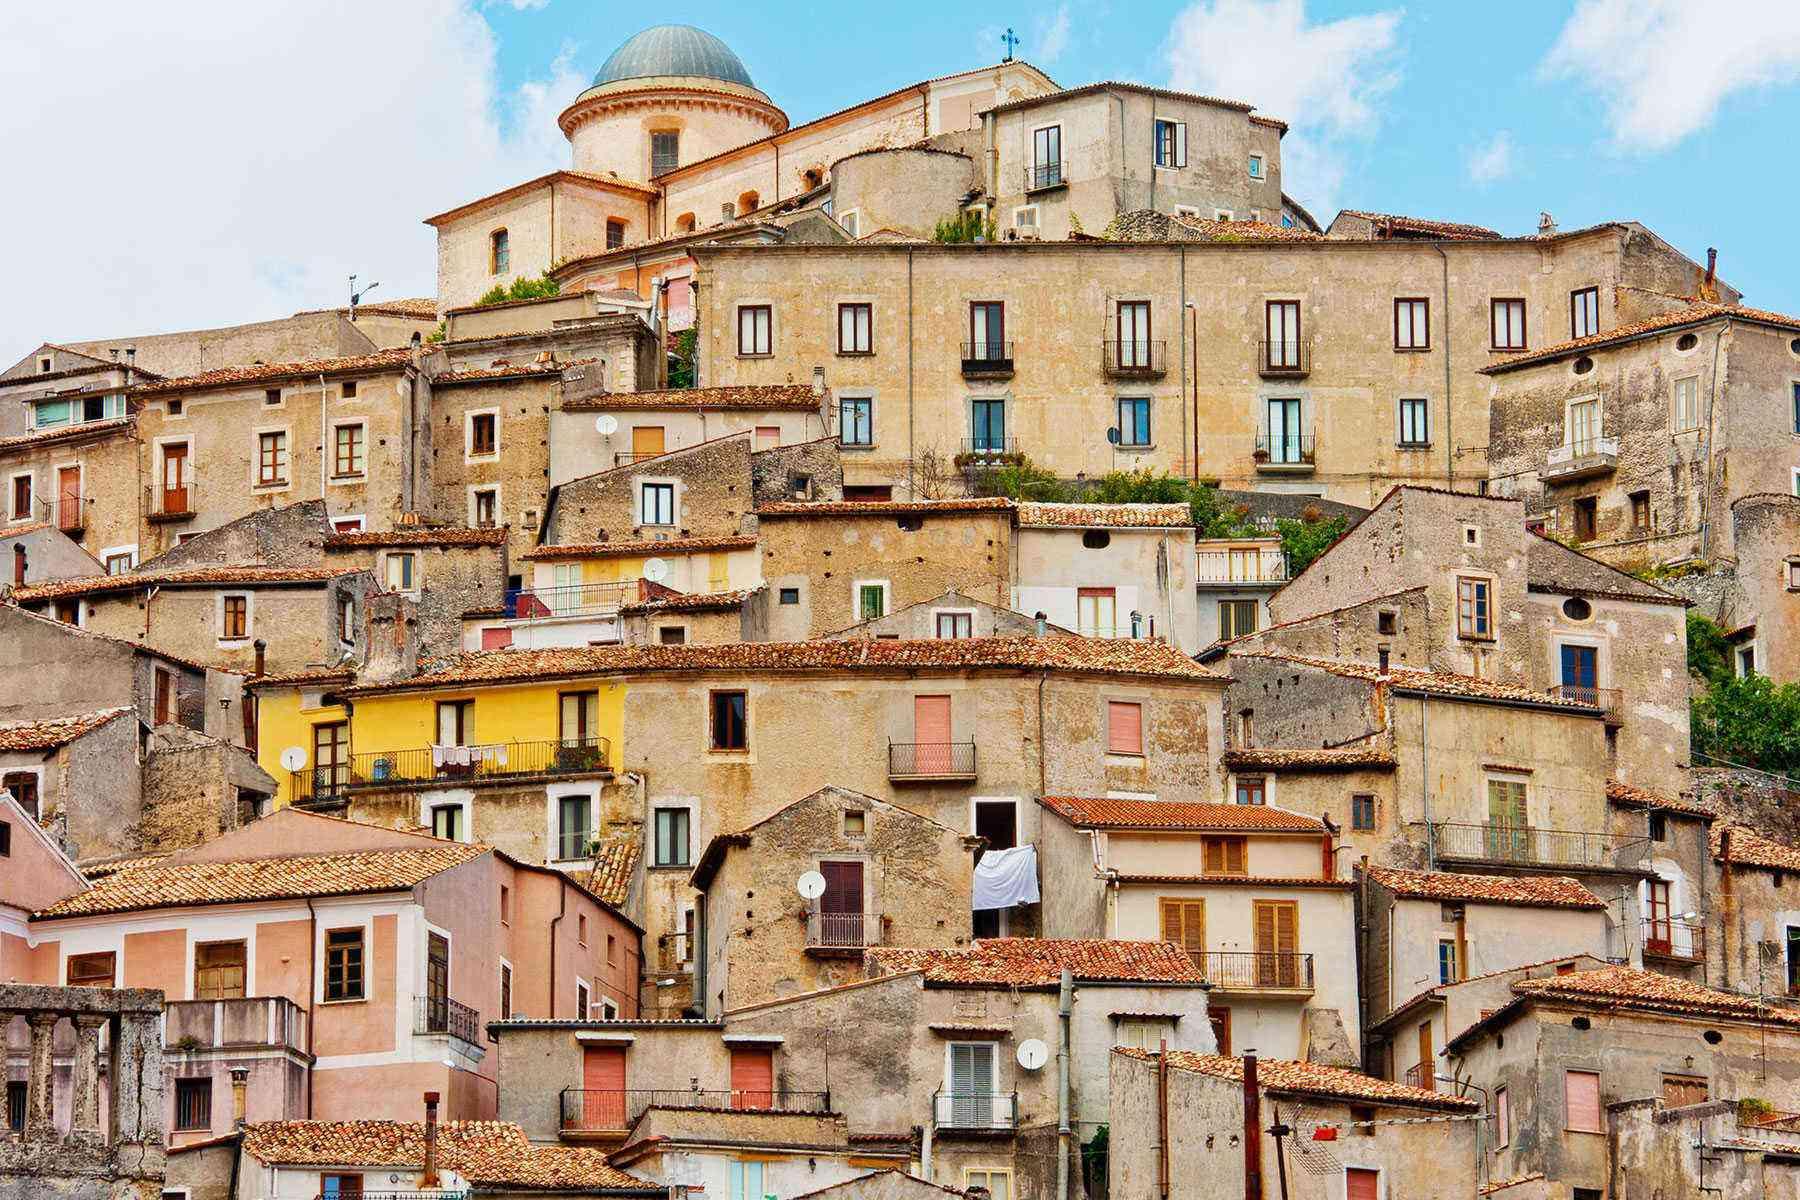 Medieval-Italian-Towns-Morano-Calabro-2